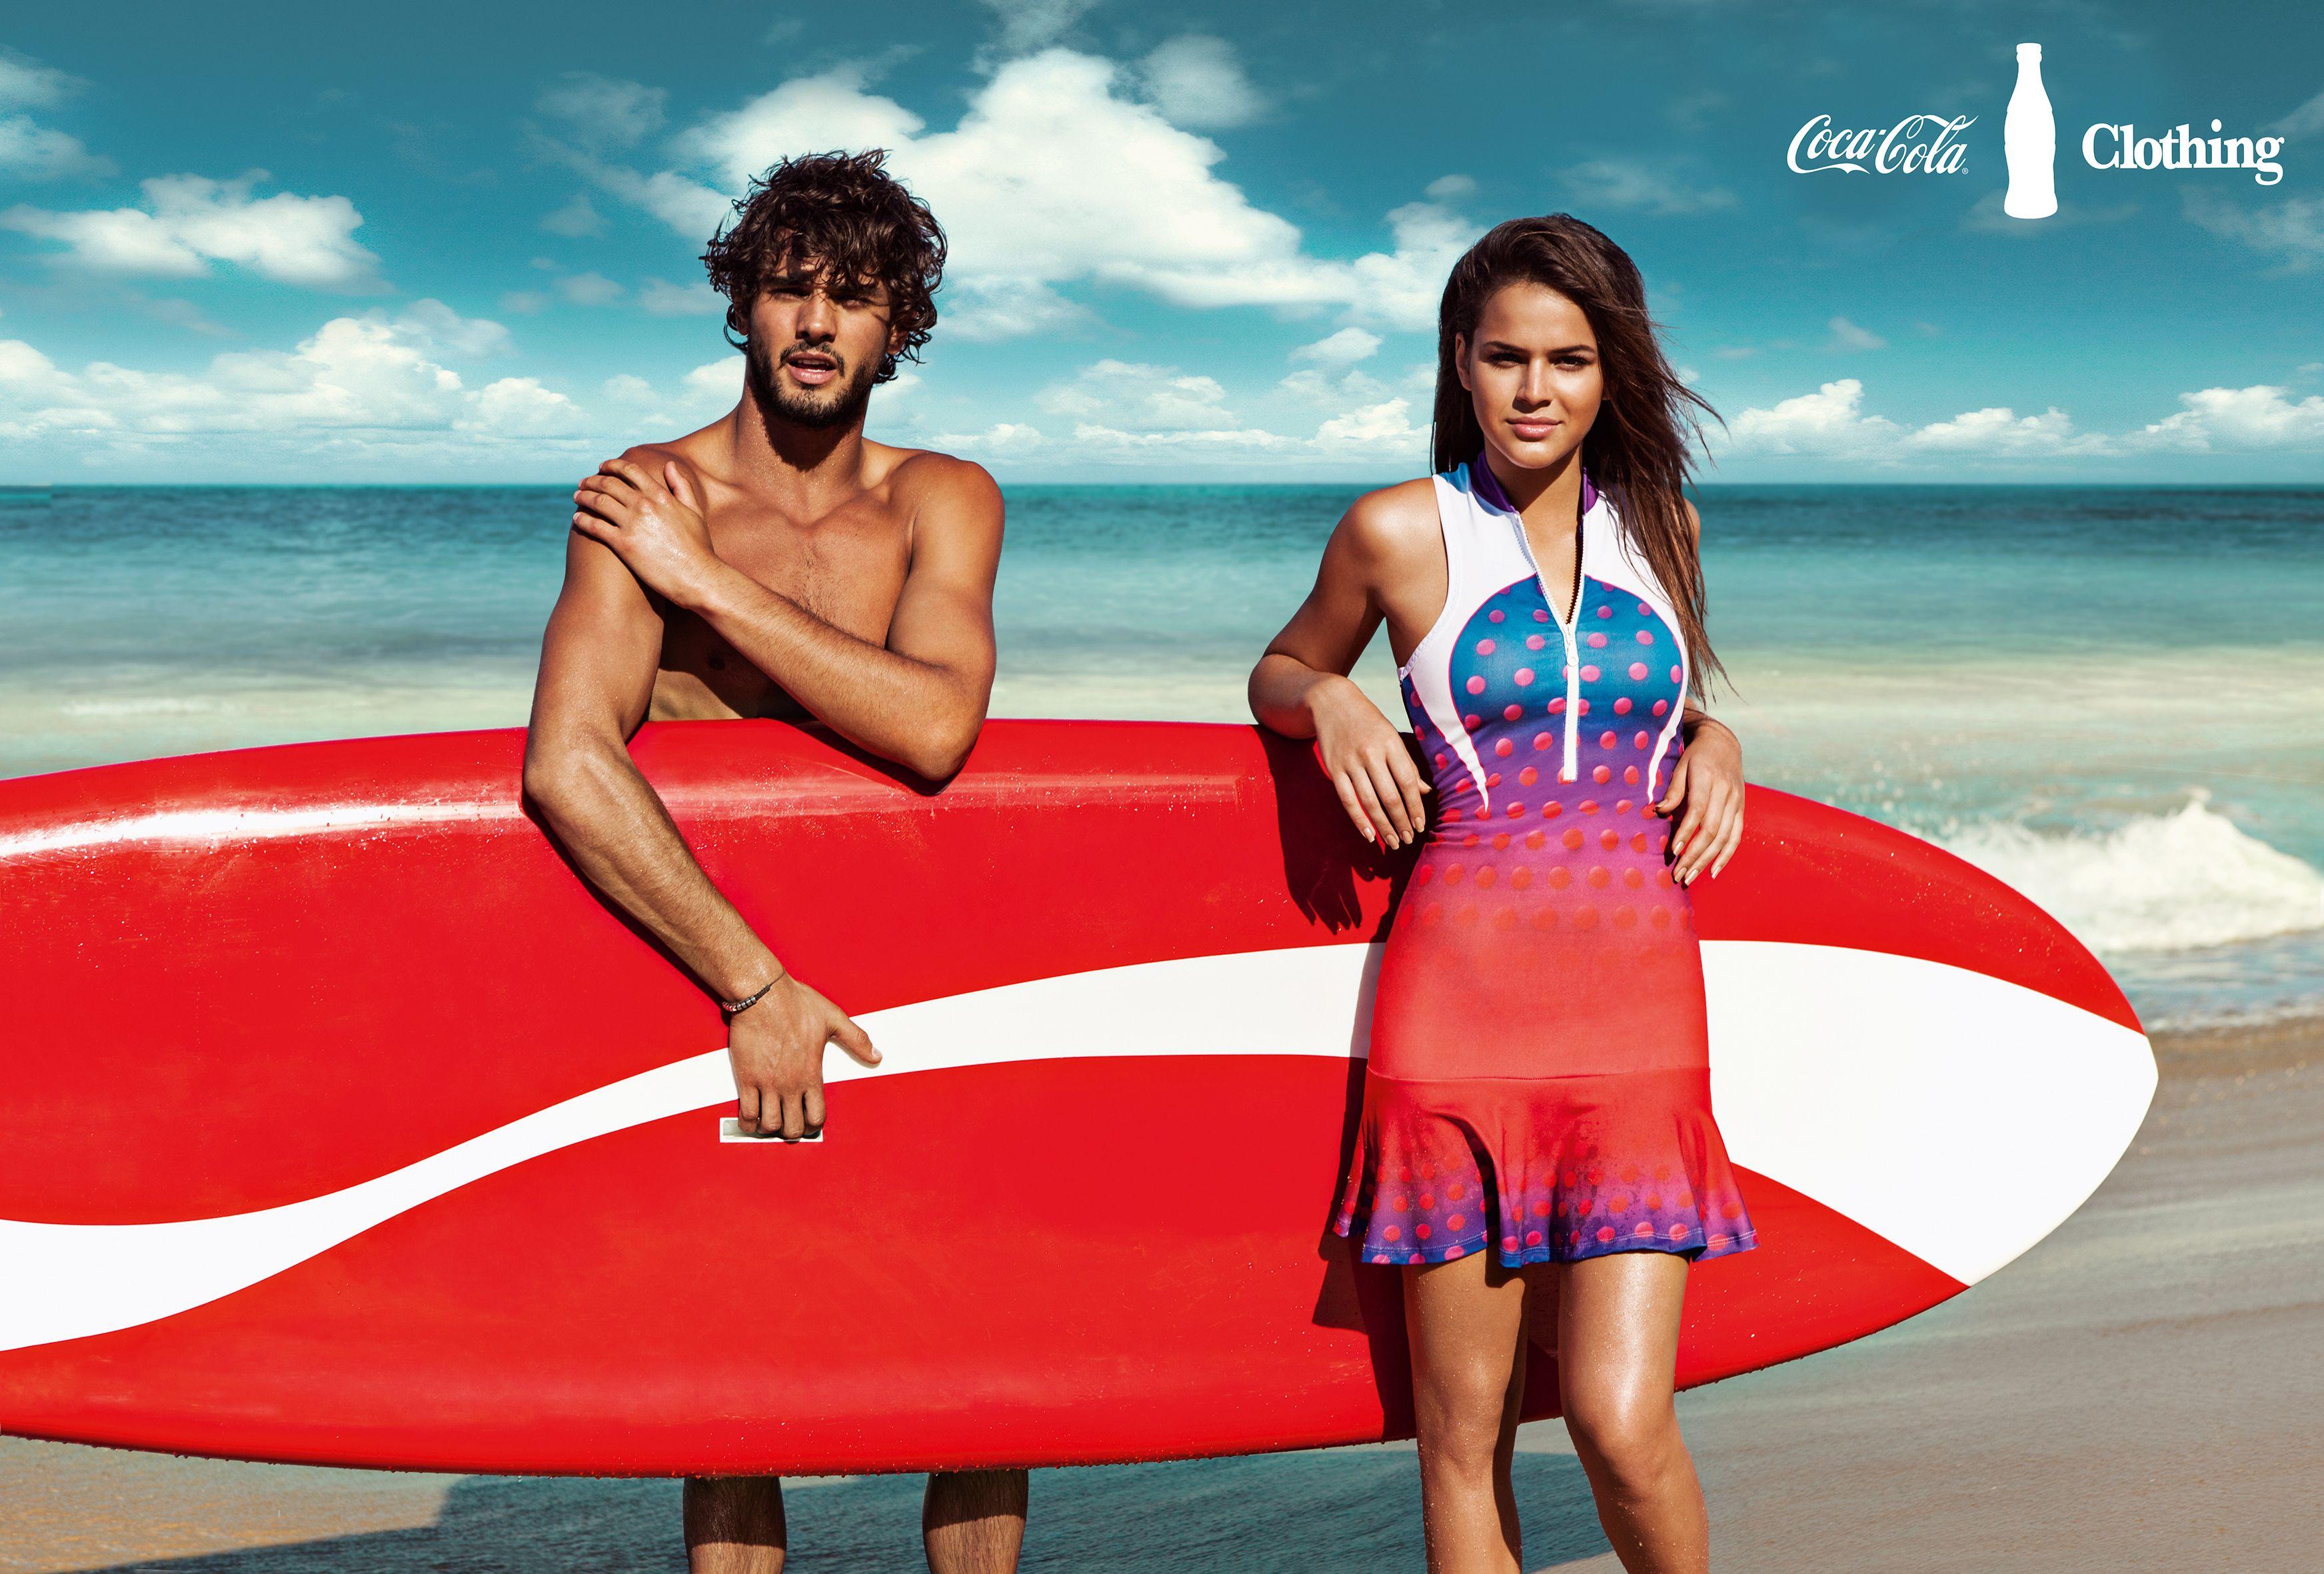 Marlon Teixeira e Bruna Marquezine para Coca-Cola Jeans   Verão 2014 #cokestyle